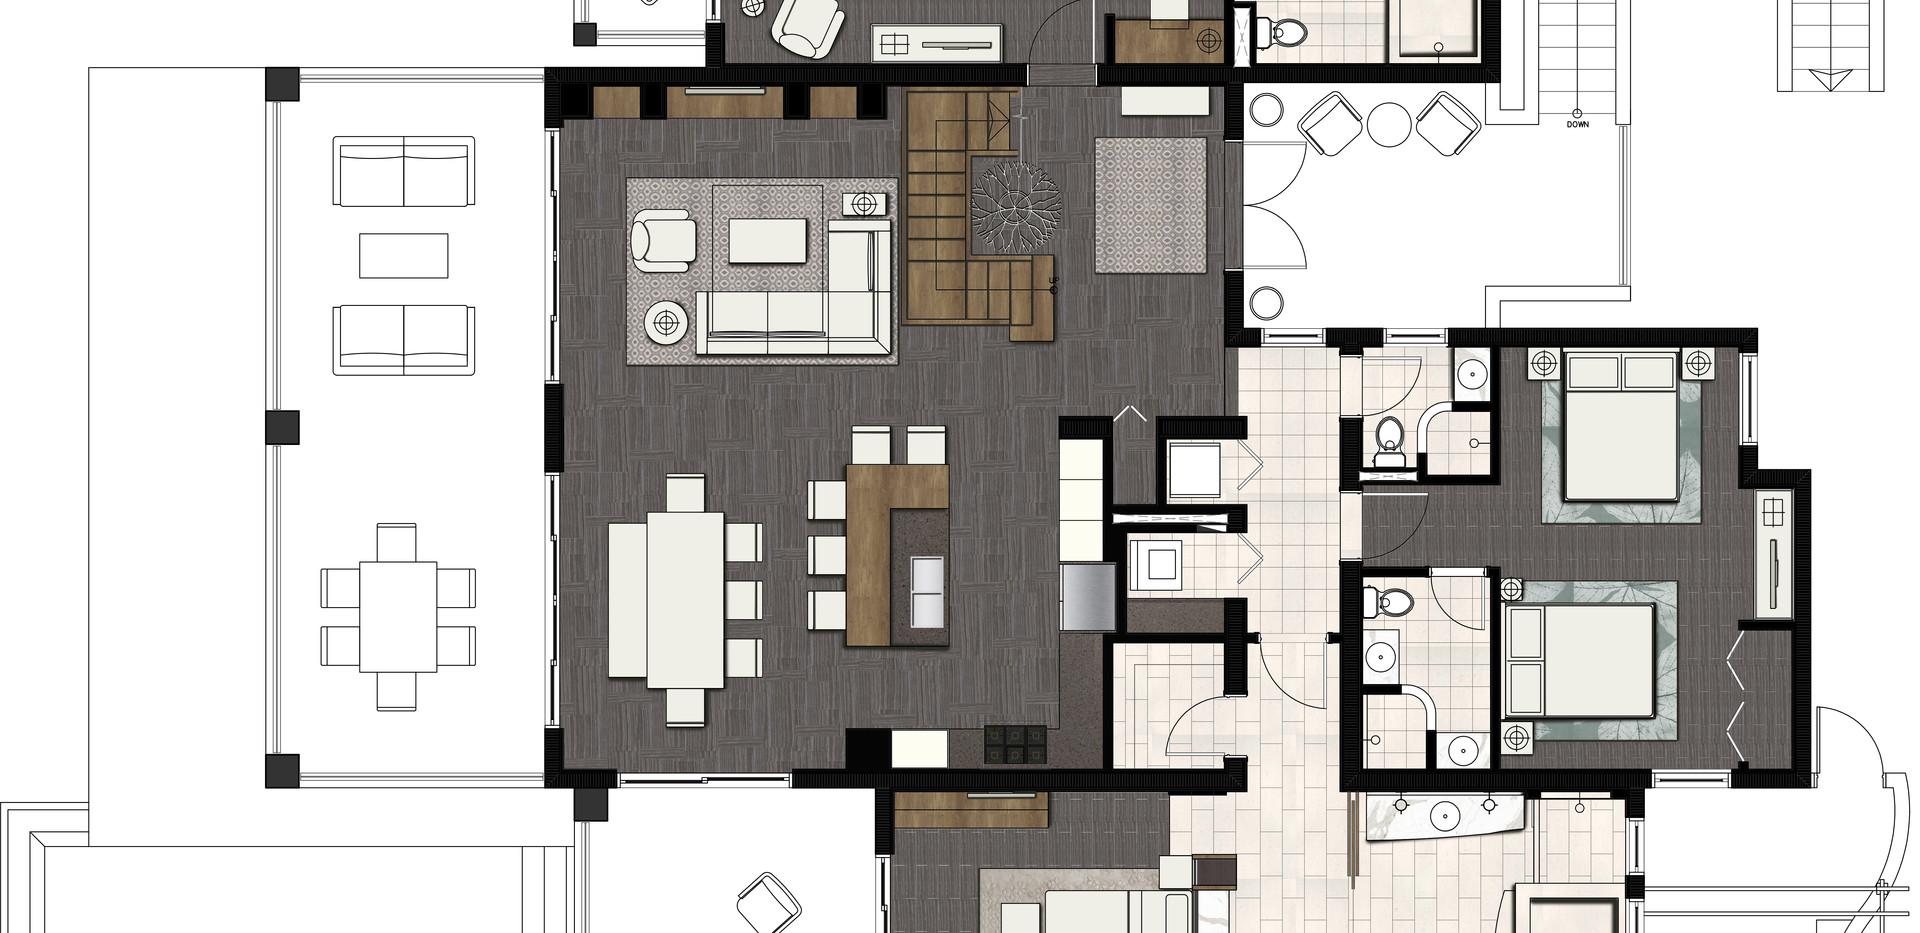 New Villas Three Bedroom Plan